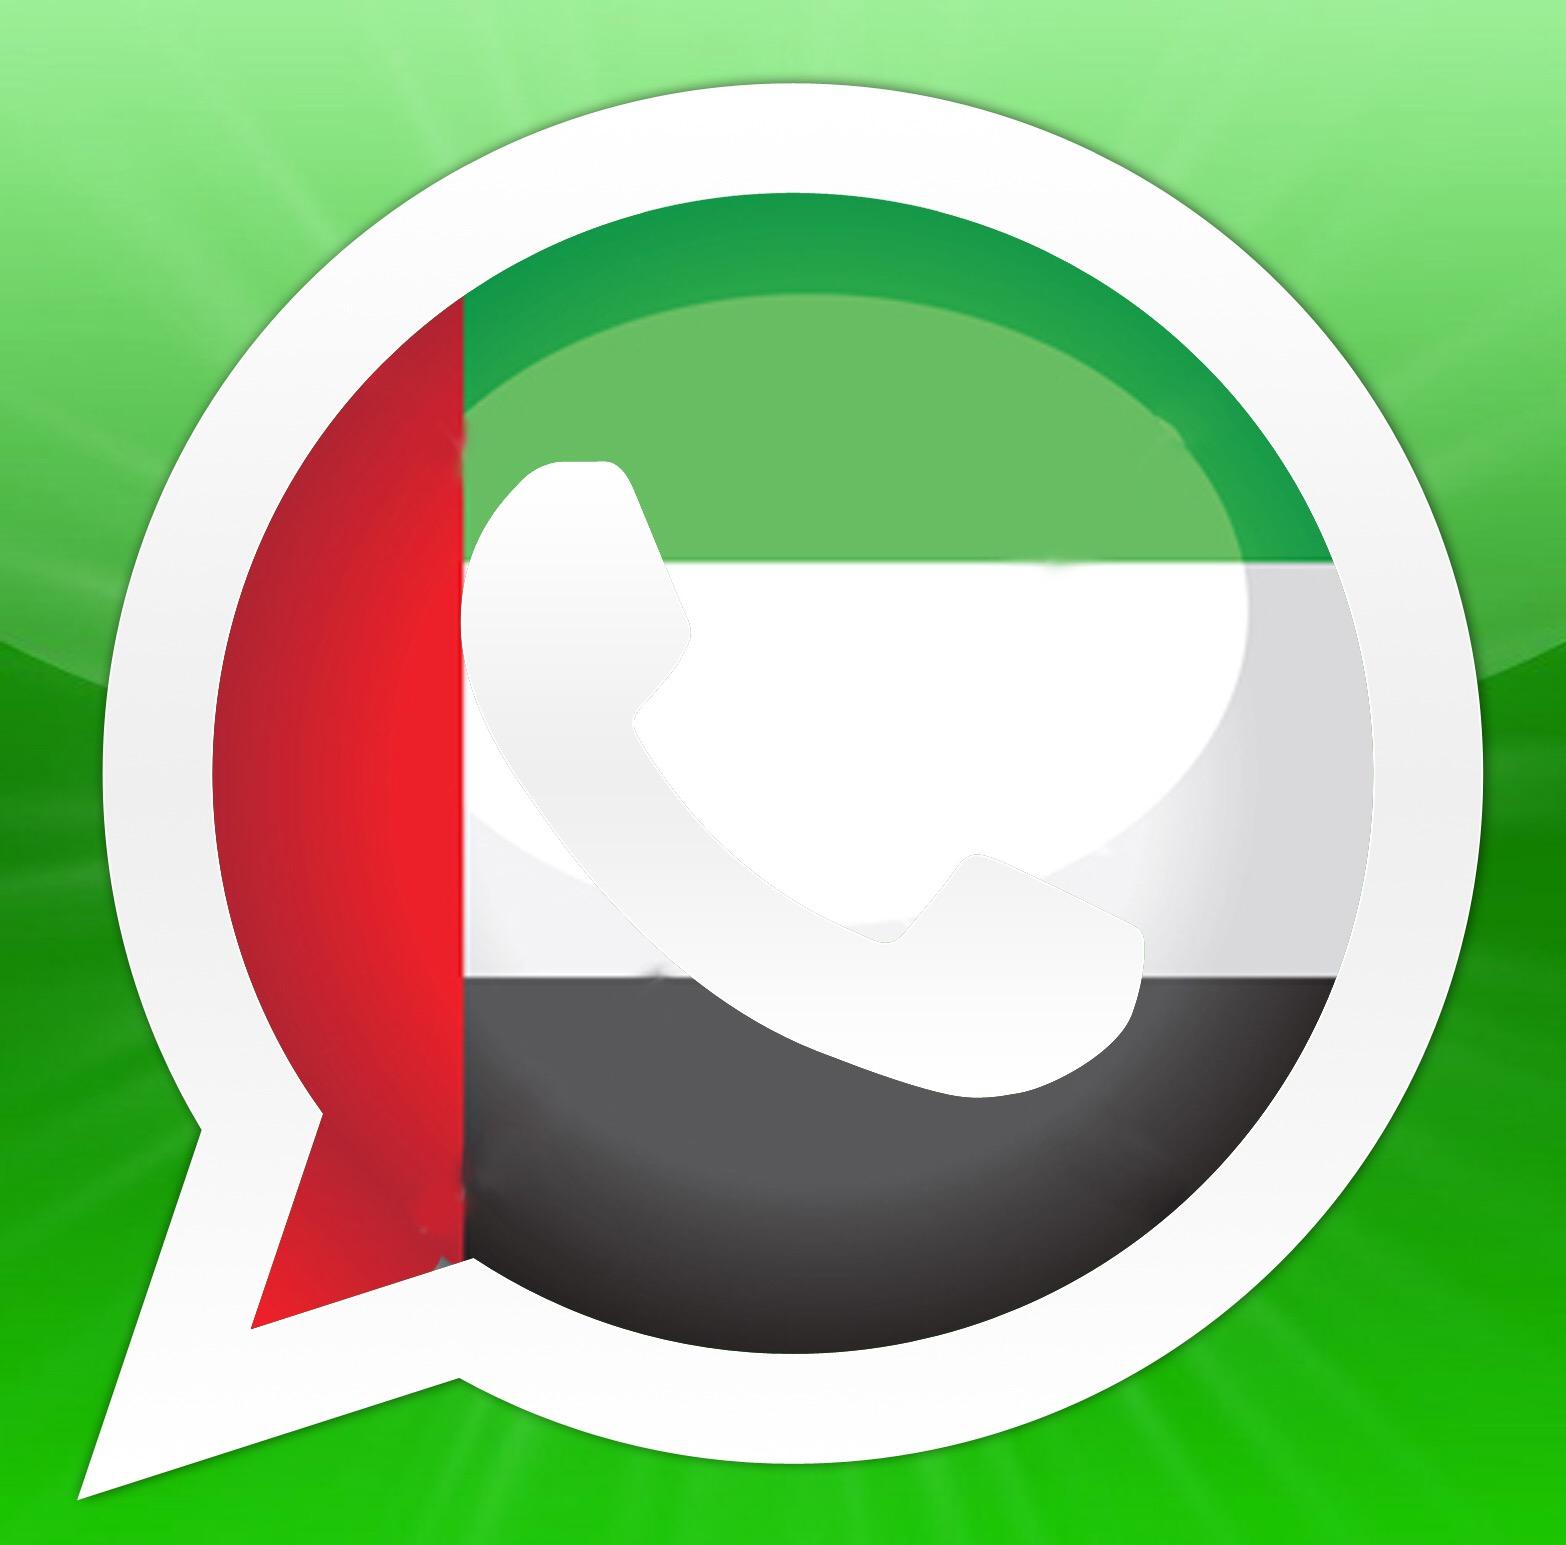 تحديث الوتساب يمكنك من تعديل الرسالة المرسلة